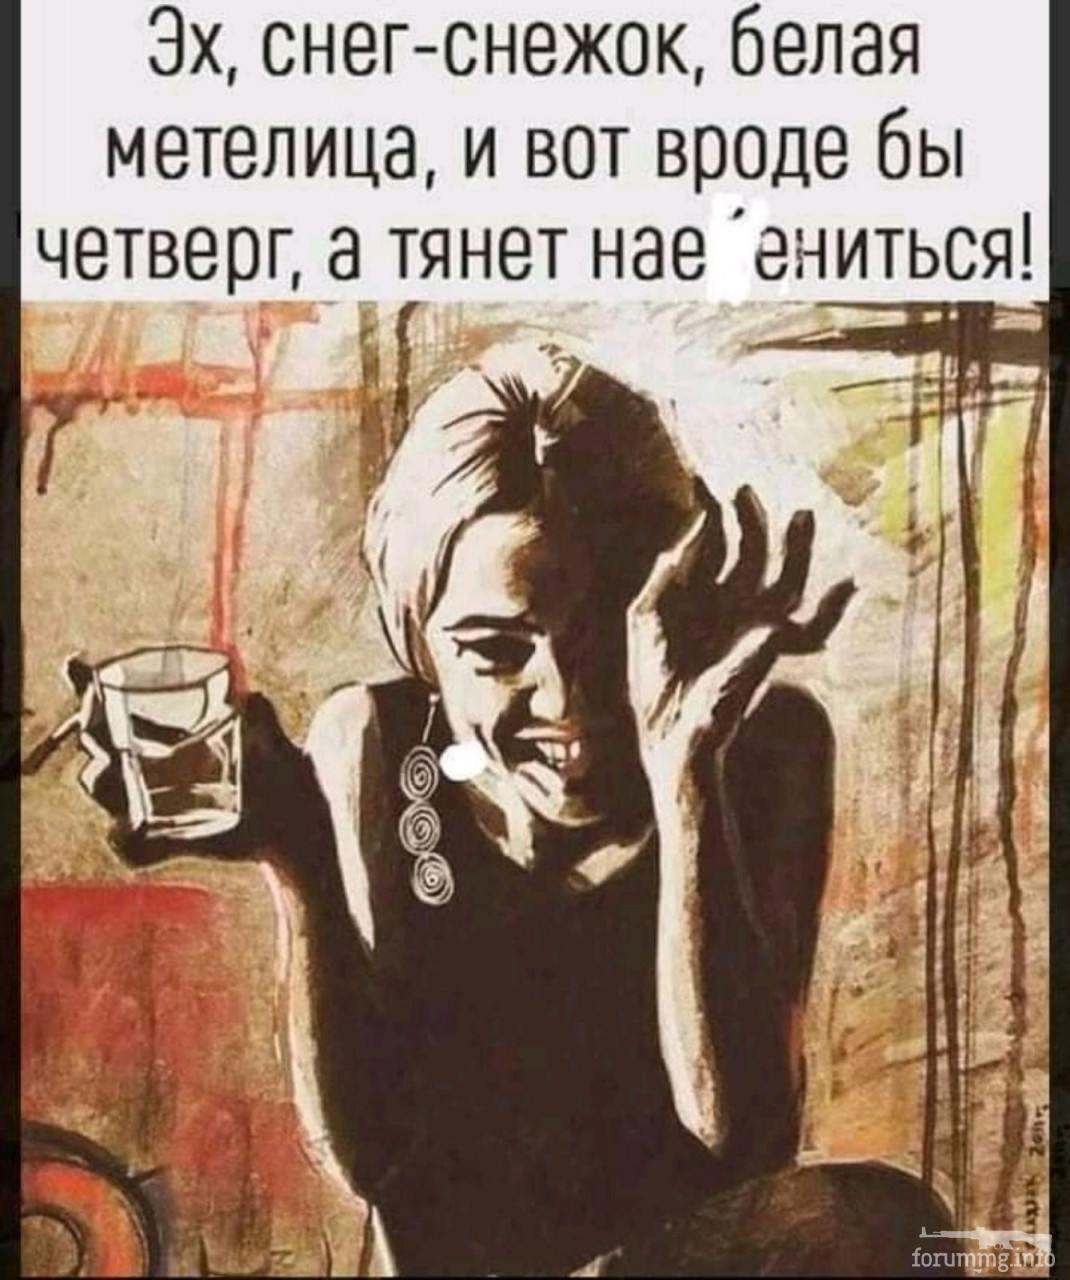 125657 - Пить или не пить? - пятничная алкогольная тема )))